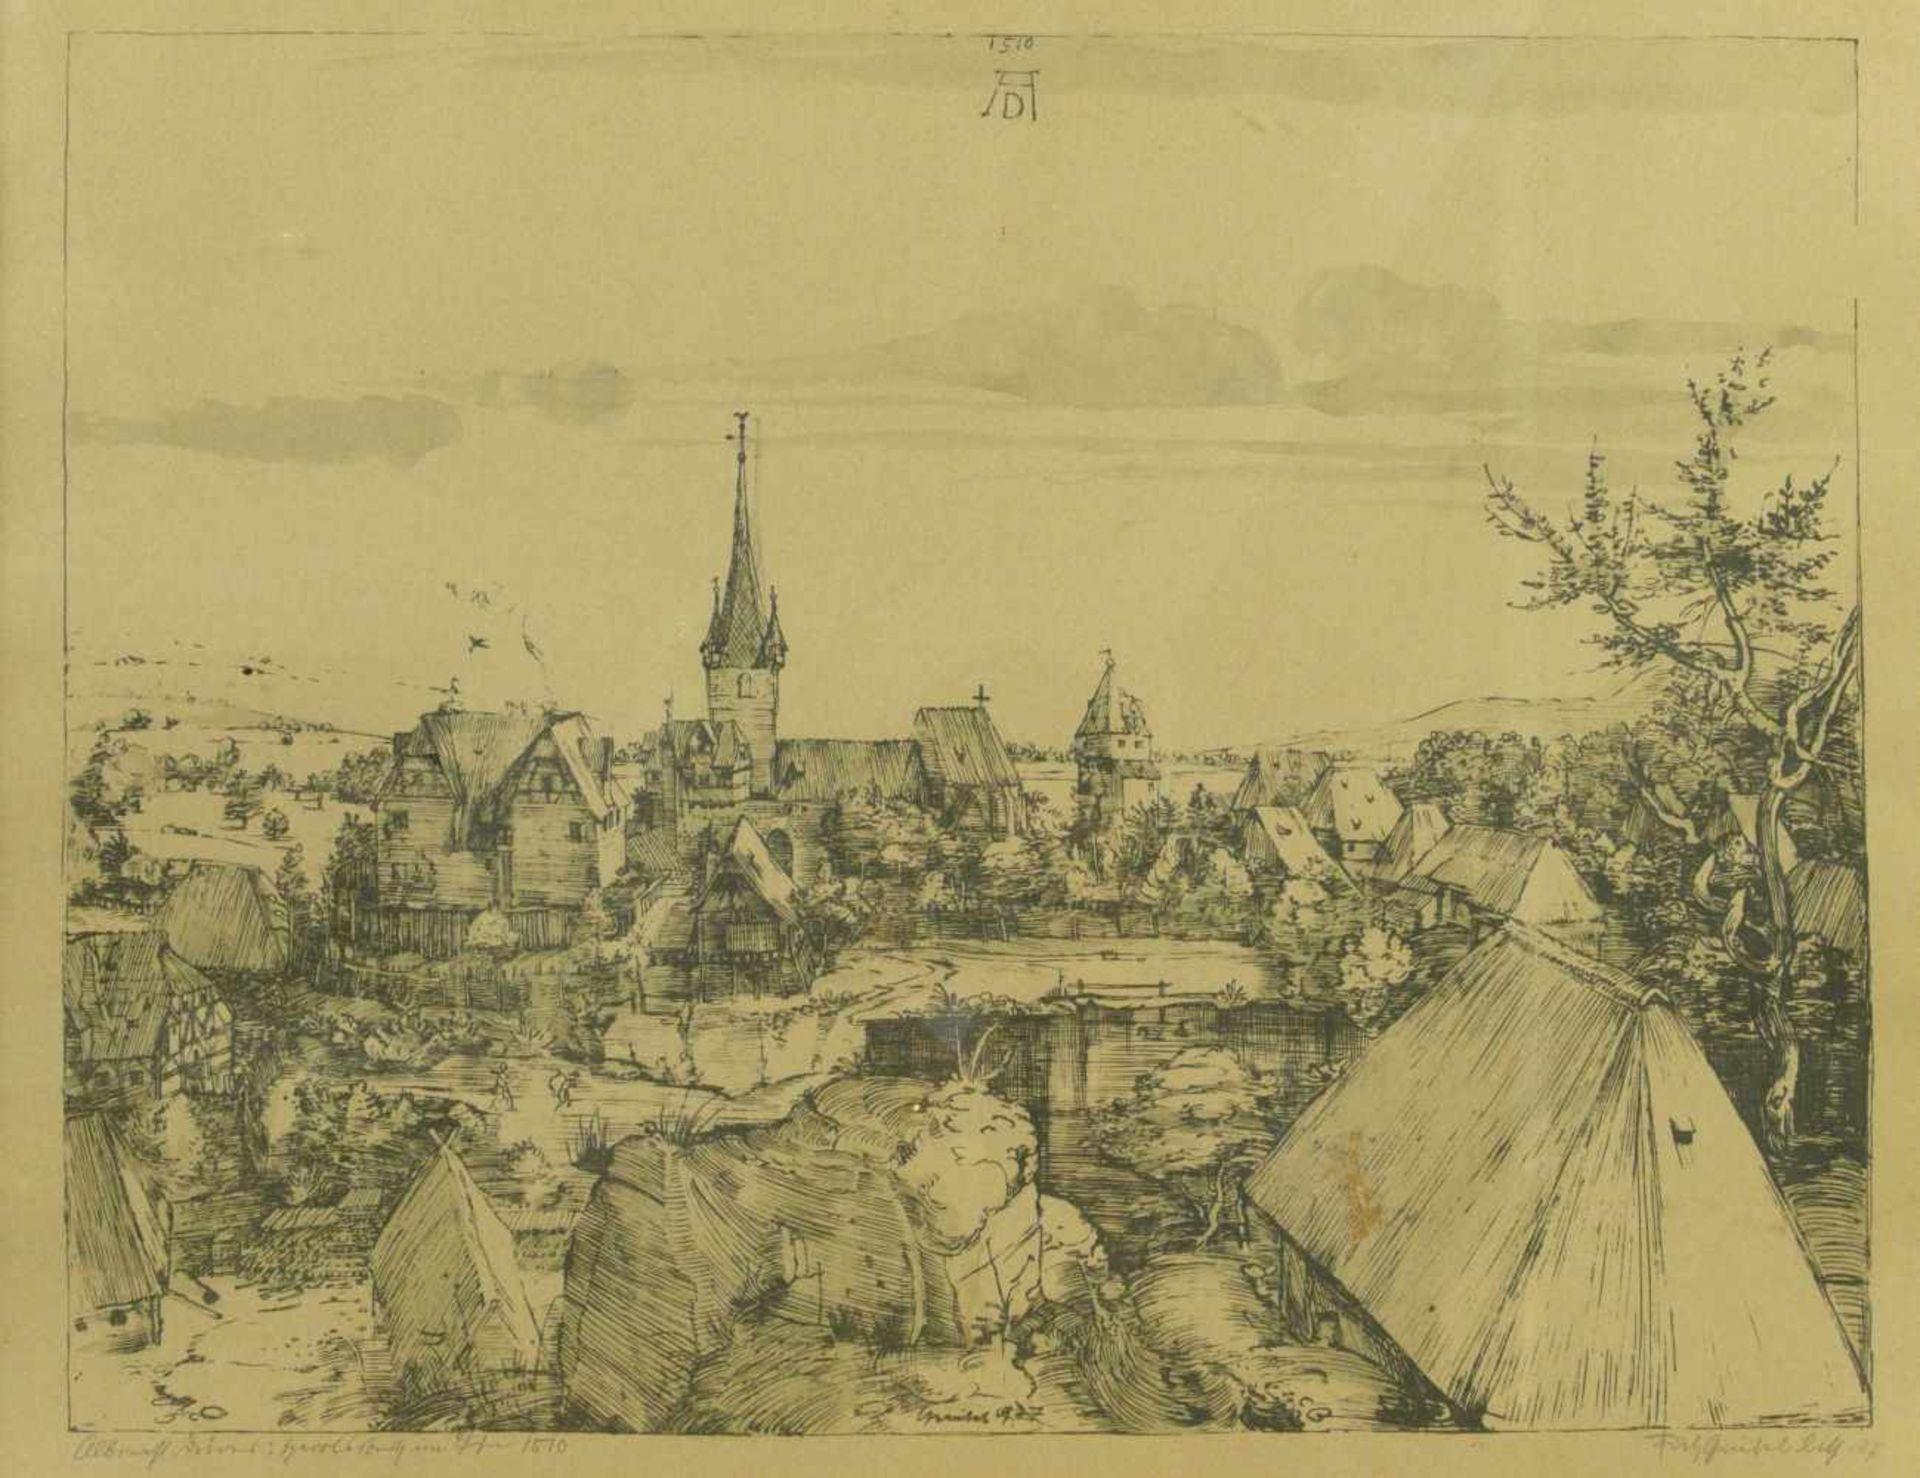 Los 11 - Griebel, Fritz (1899-1976) - nach Albrecht Dürer: Heroldsberg im Jahre 1510 Radierung 1937Blick